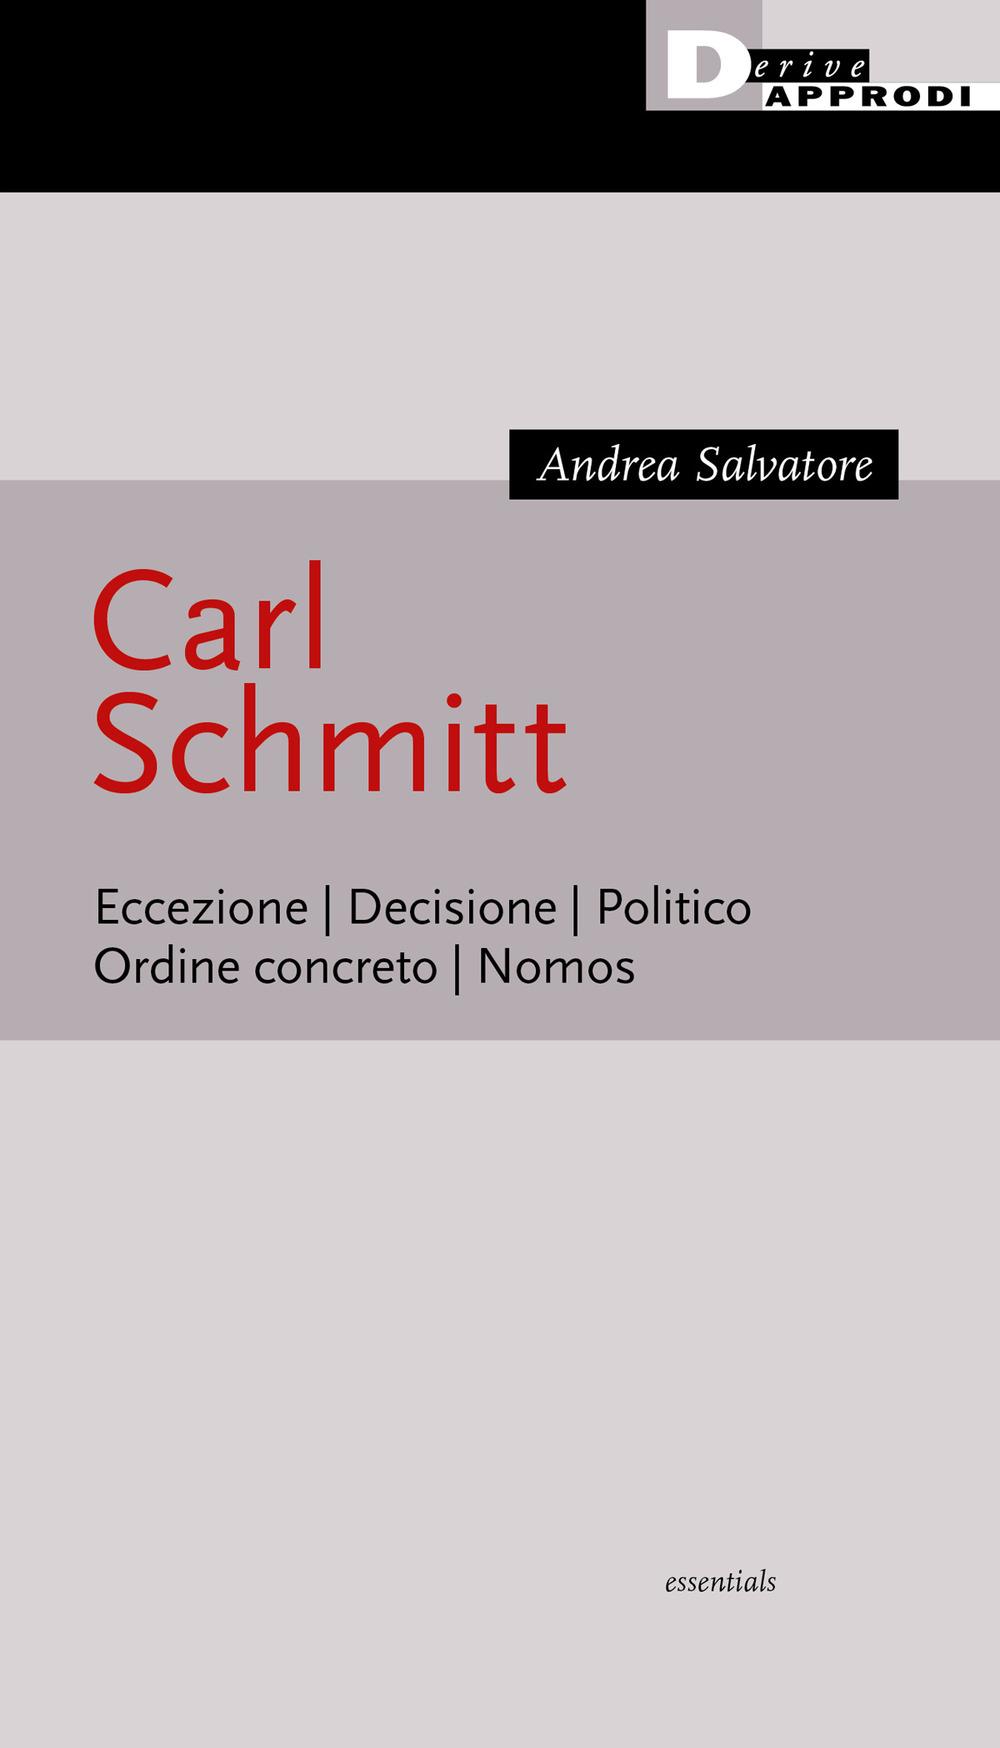 CARL SCHMITT. ECCEZIONE. DECISIONE. POLITICO. ORDINE CONCRETO. NOMOS - Salvatore Andrea - 9788865483503